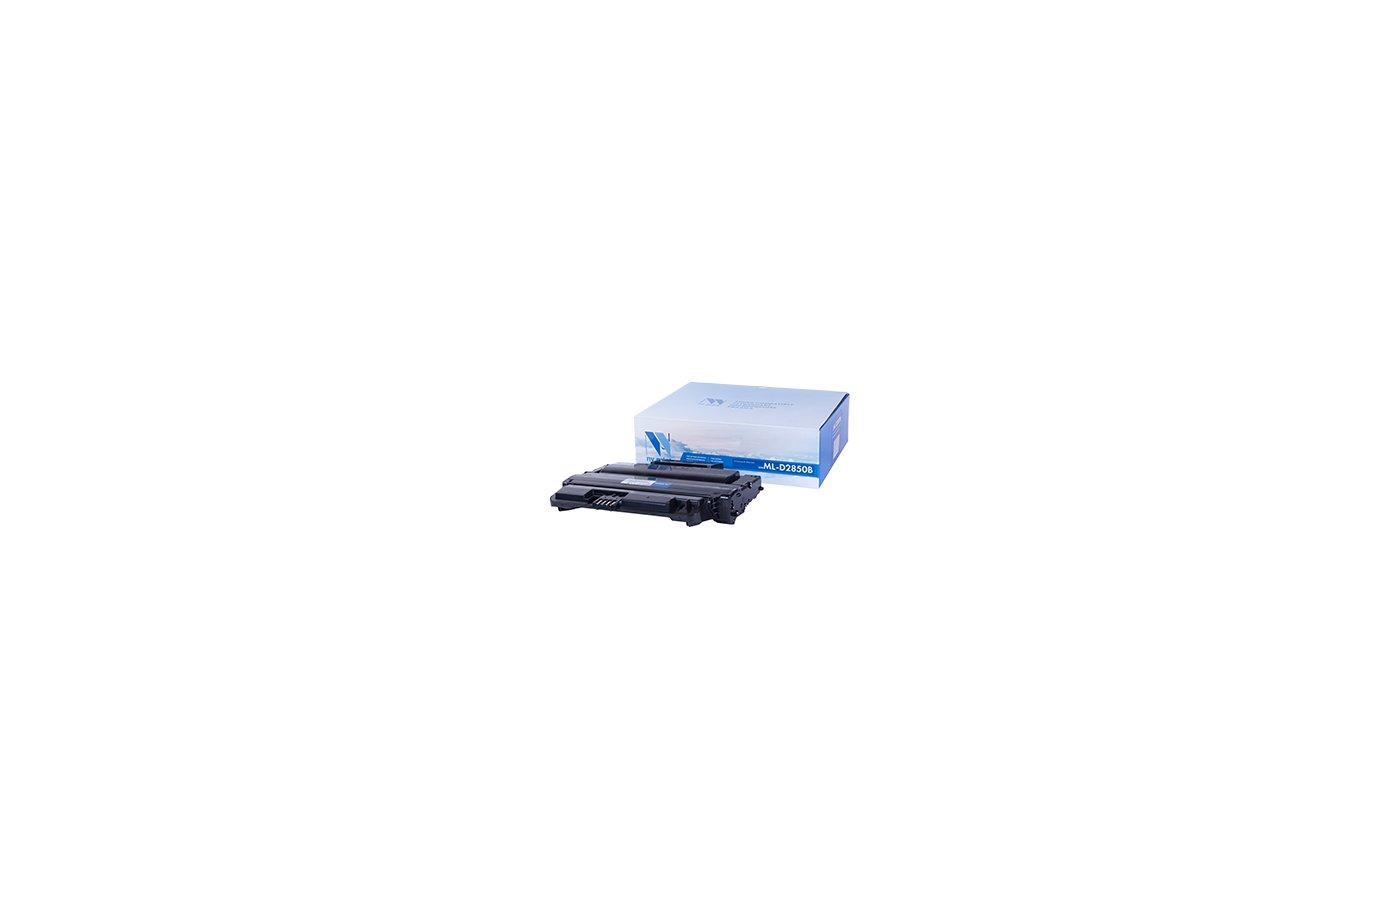 Картридж лазерный NV Print совместимый Samsung ML-D2850B для ML-2850D/2851ND. Чёрный. 5000 страниц.